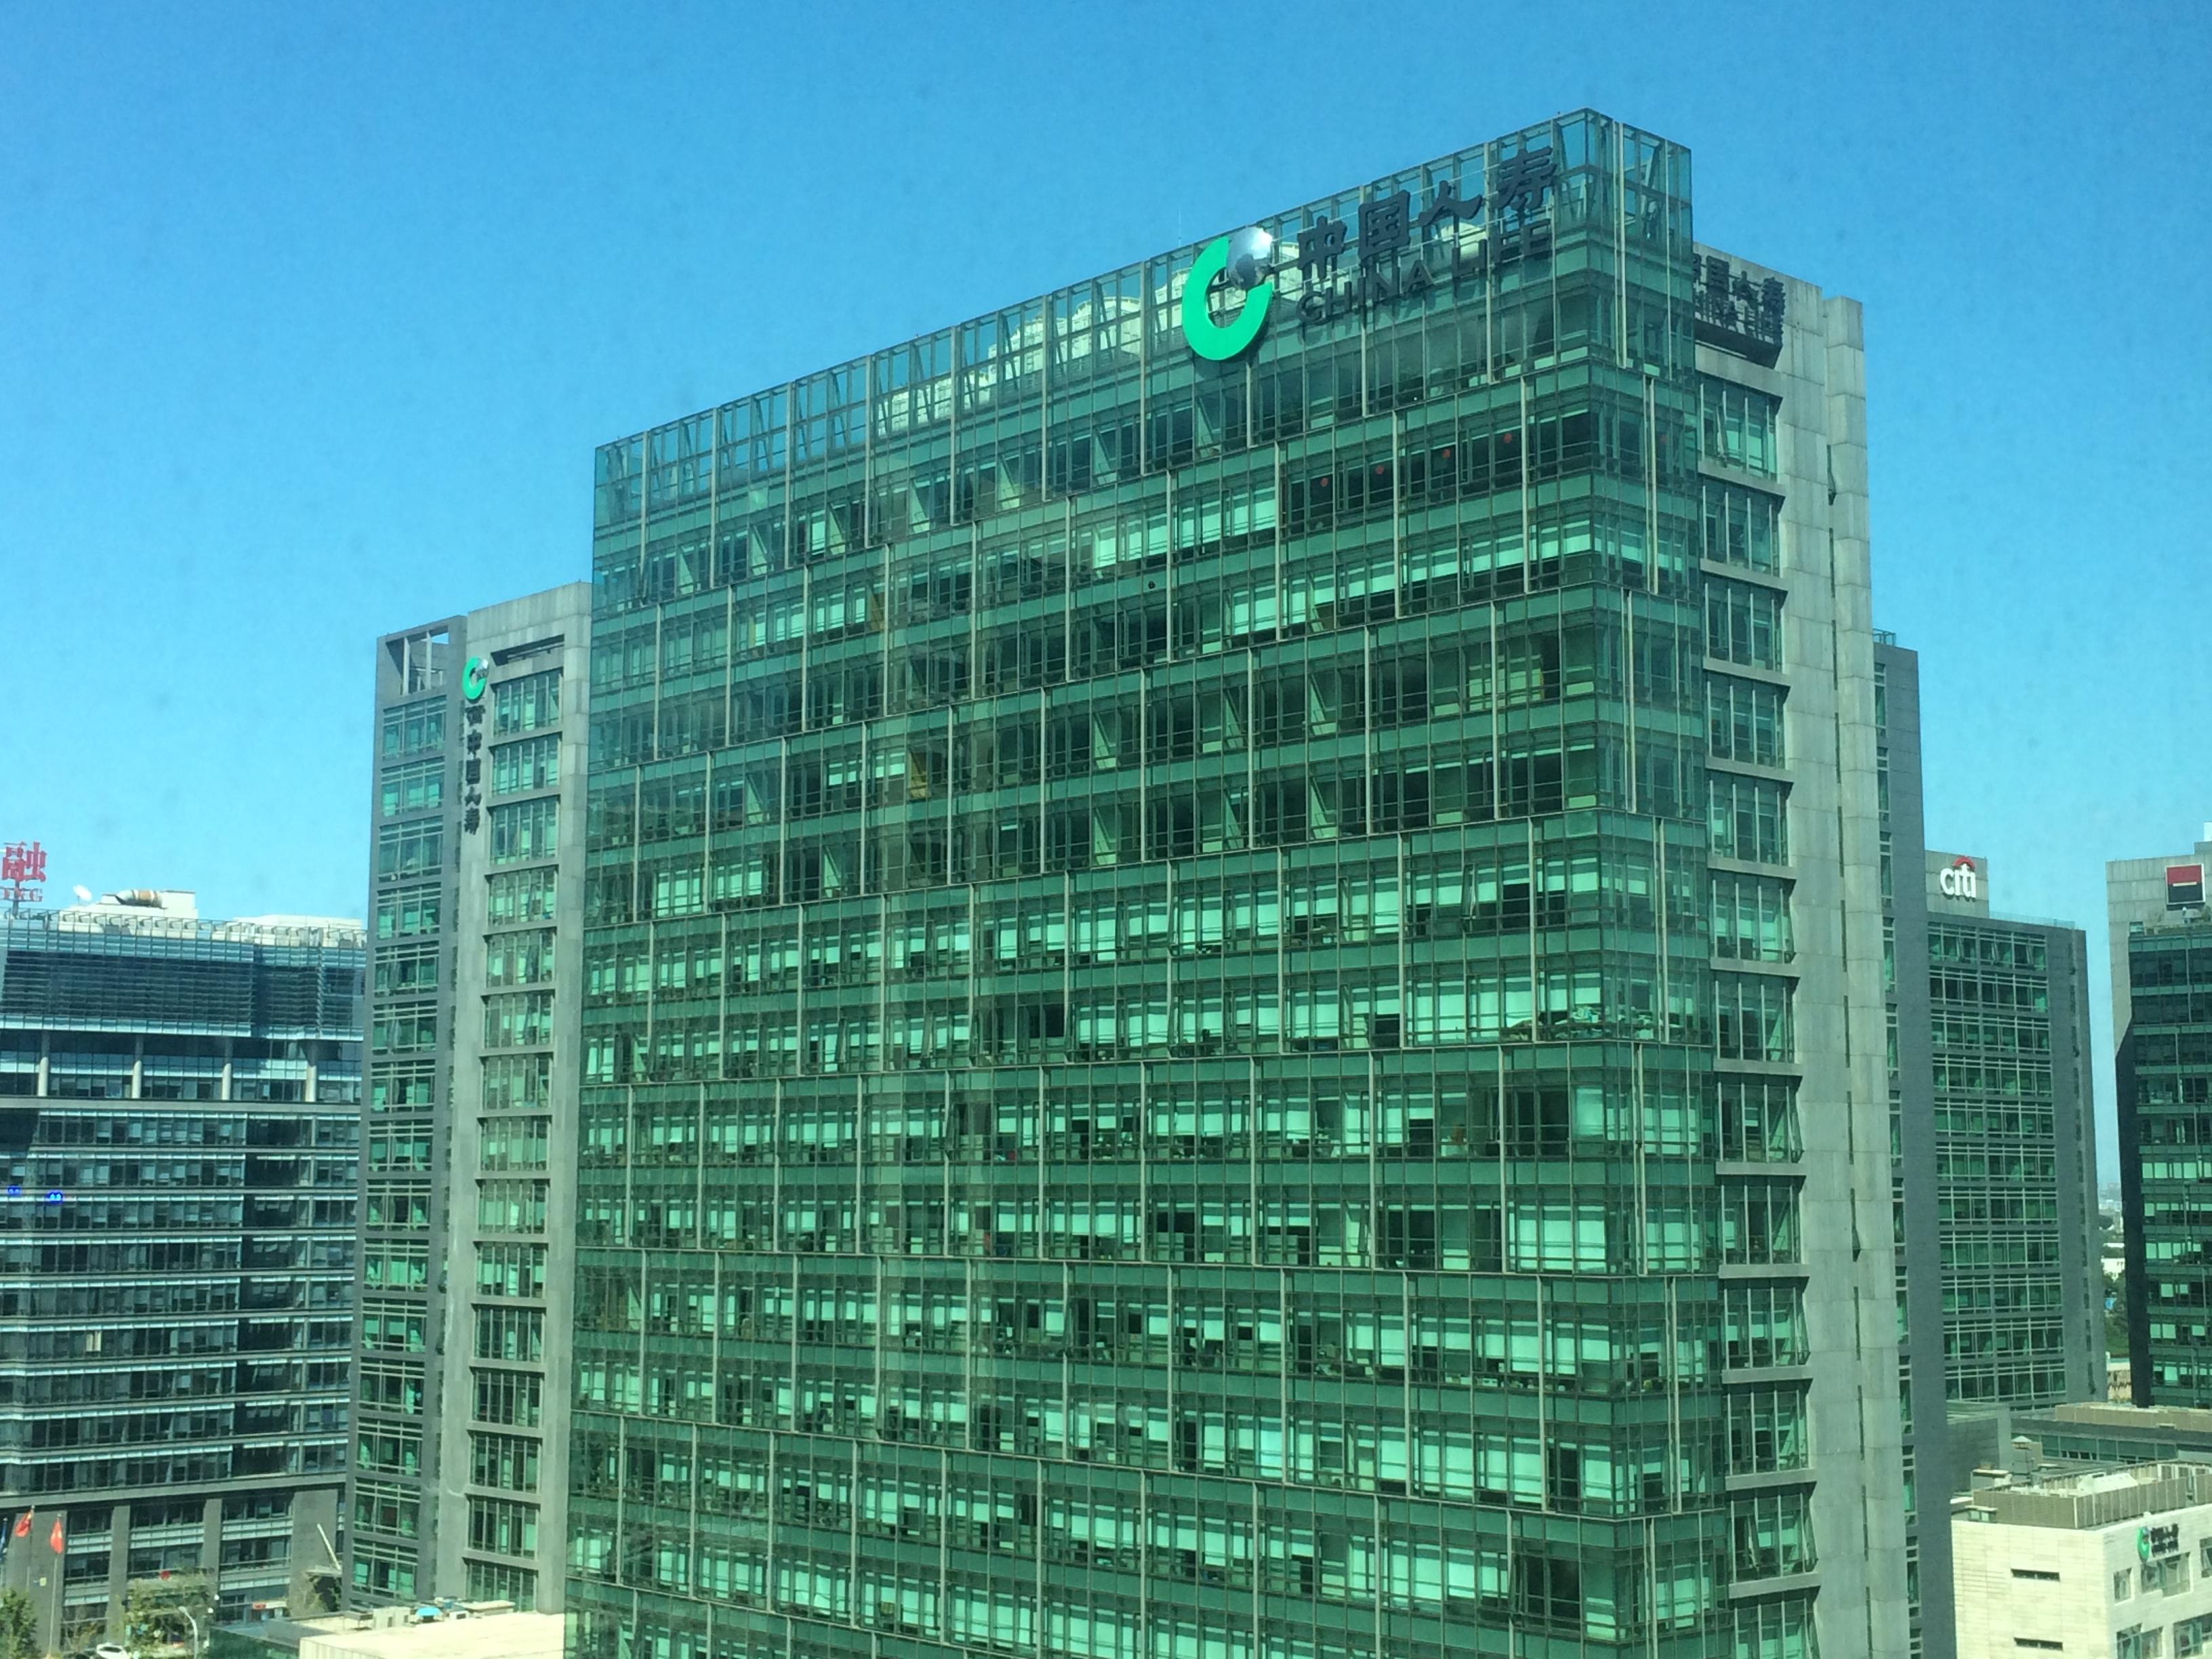 【京邦·会议系统案例】北京恒泰证券